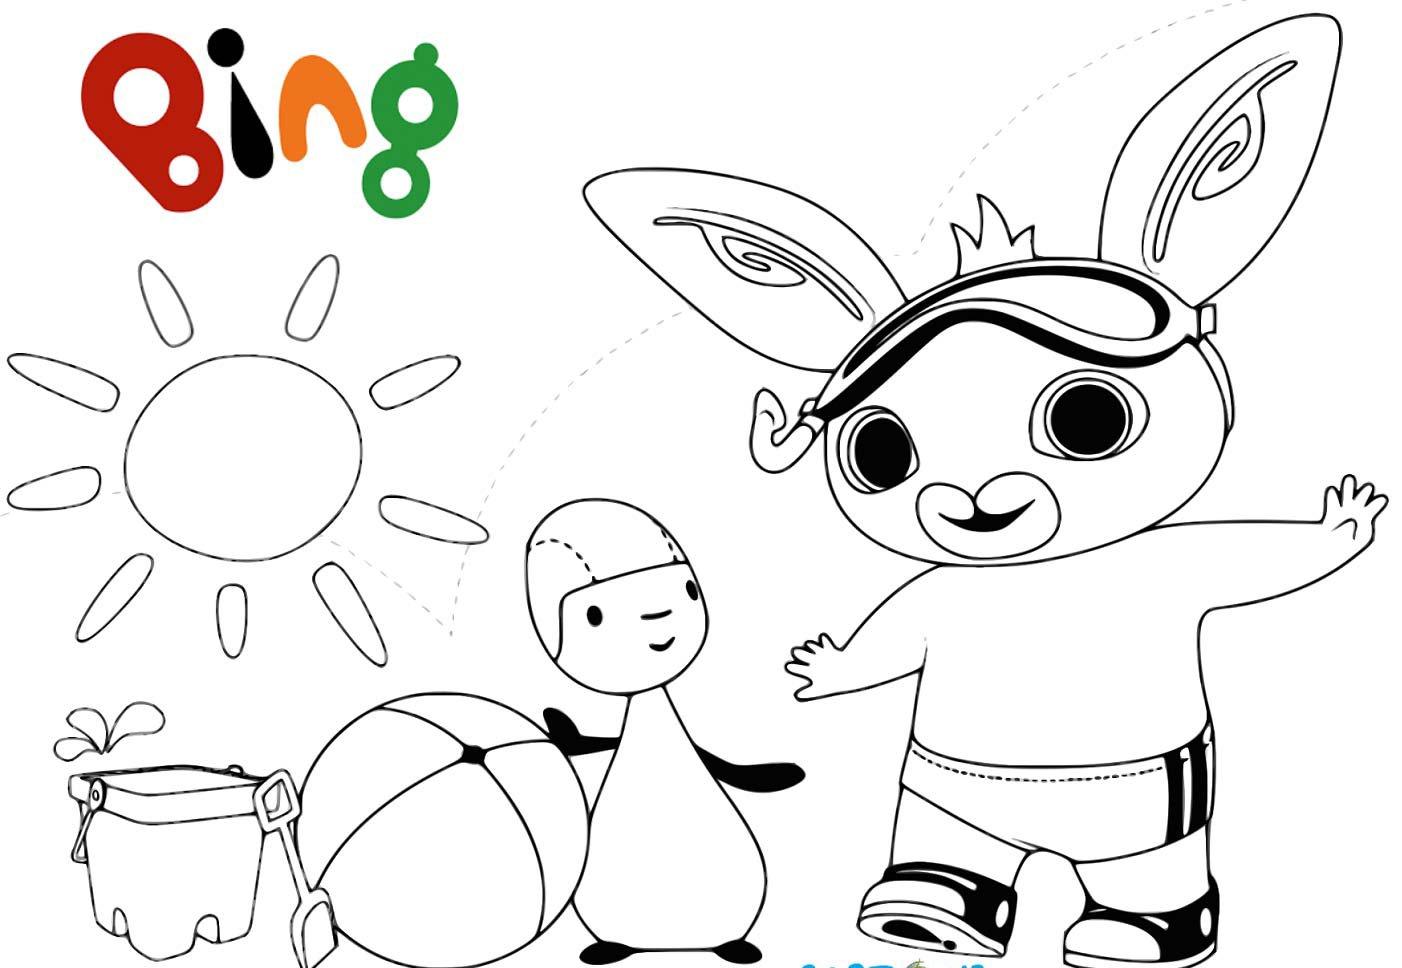 Disegni Da Stampare Colorare.Bing Il Coniglietto Ecco I Piu Bei Disegni Da Stampare E Colorare